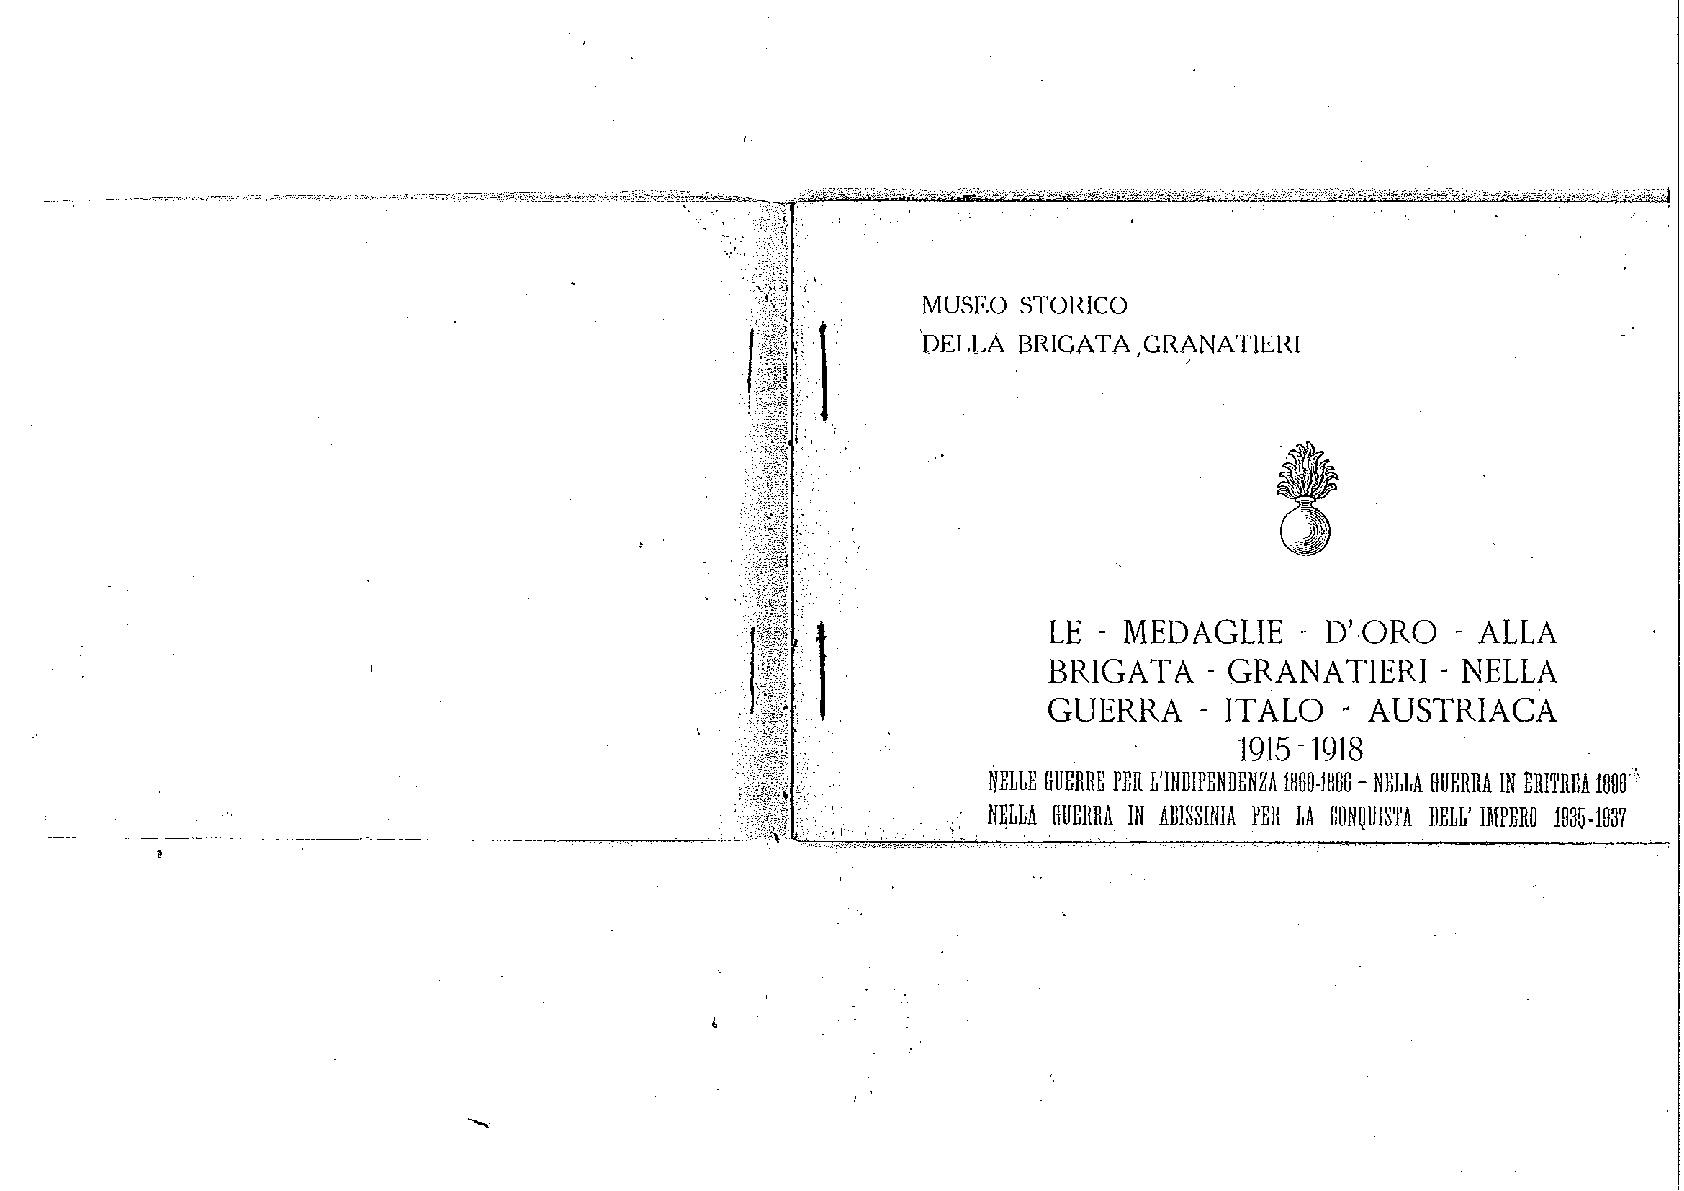 Le Medaglie d'oro Brigata Granatieri nella guerra 1915-1918